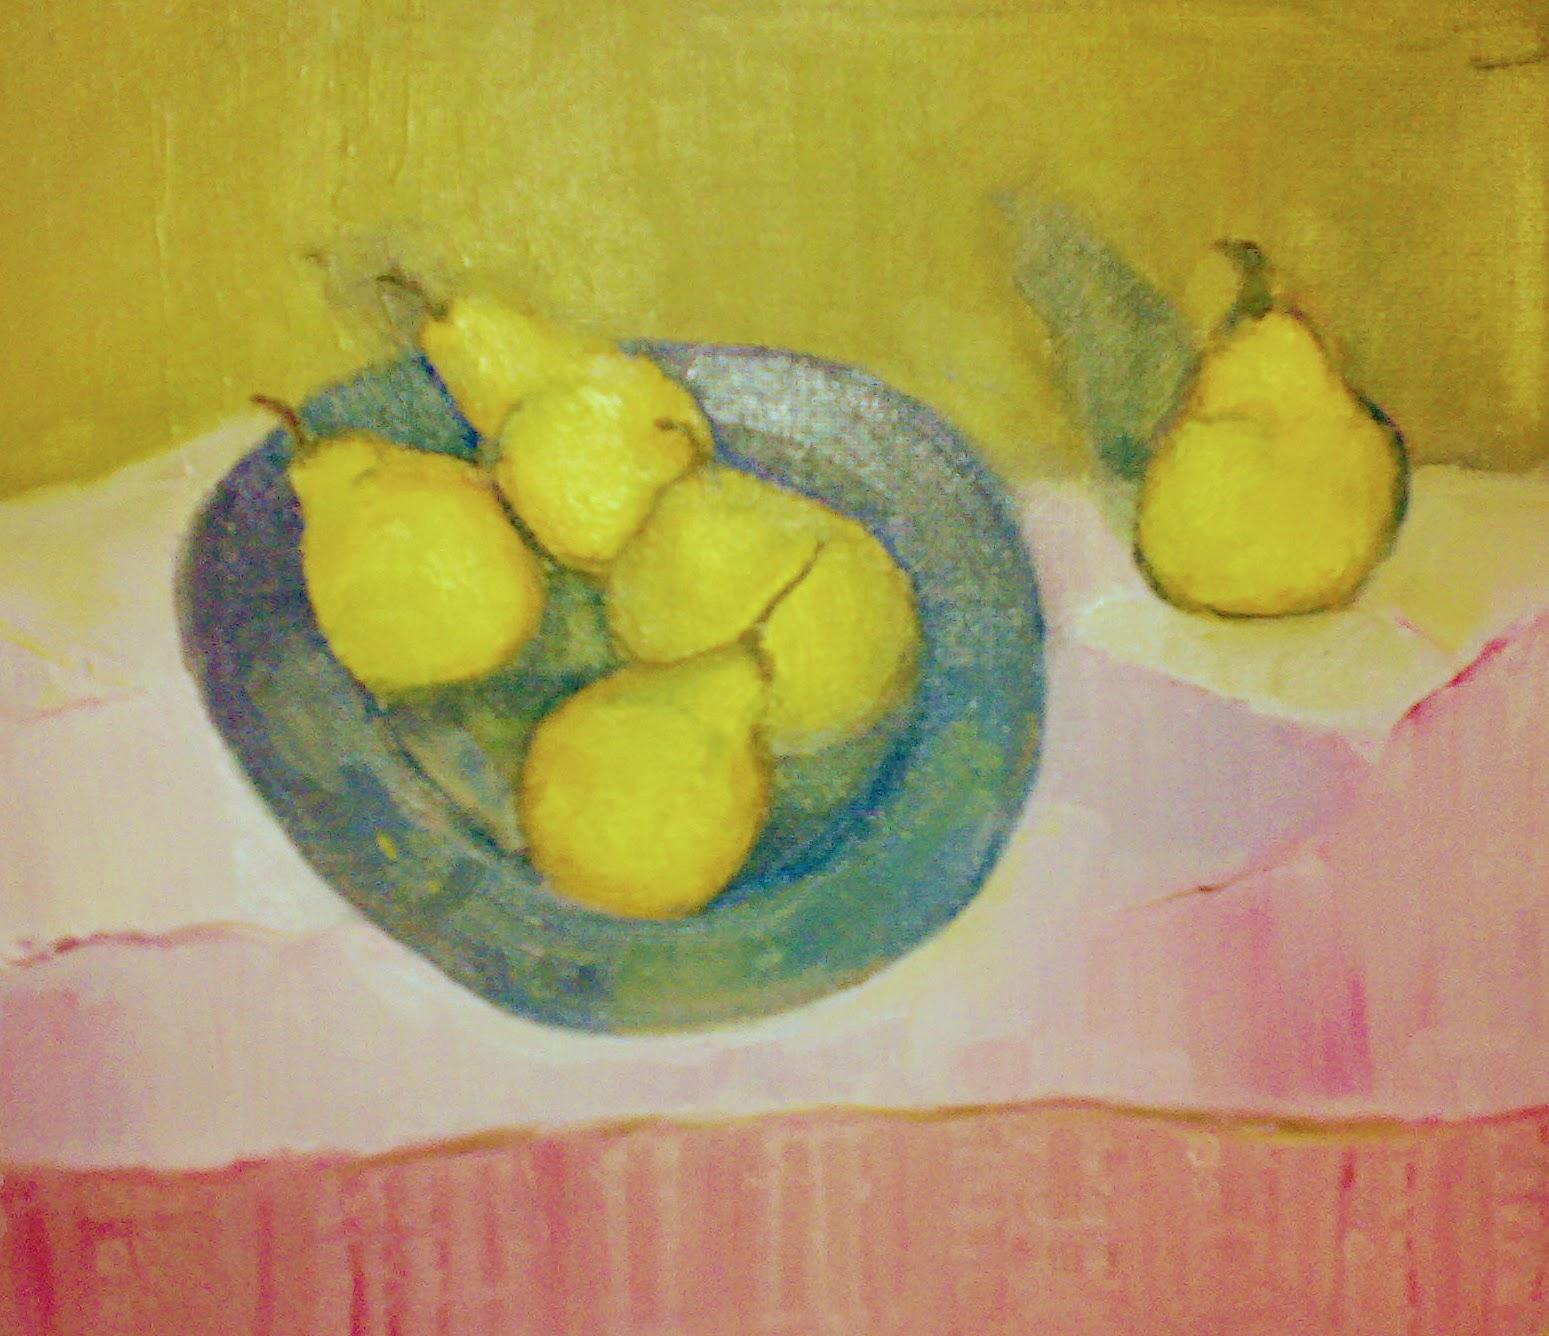 Pears on Cloth   Acrylics on canvas  by Sally Hyman